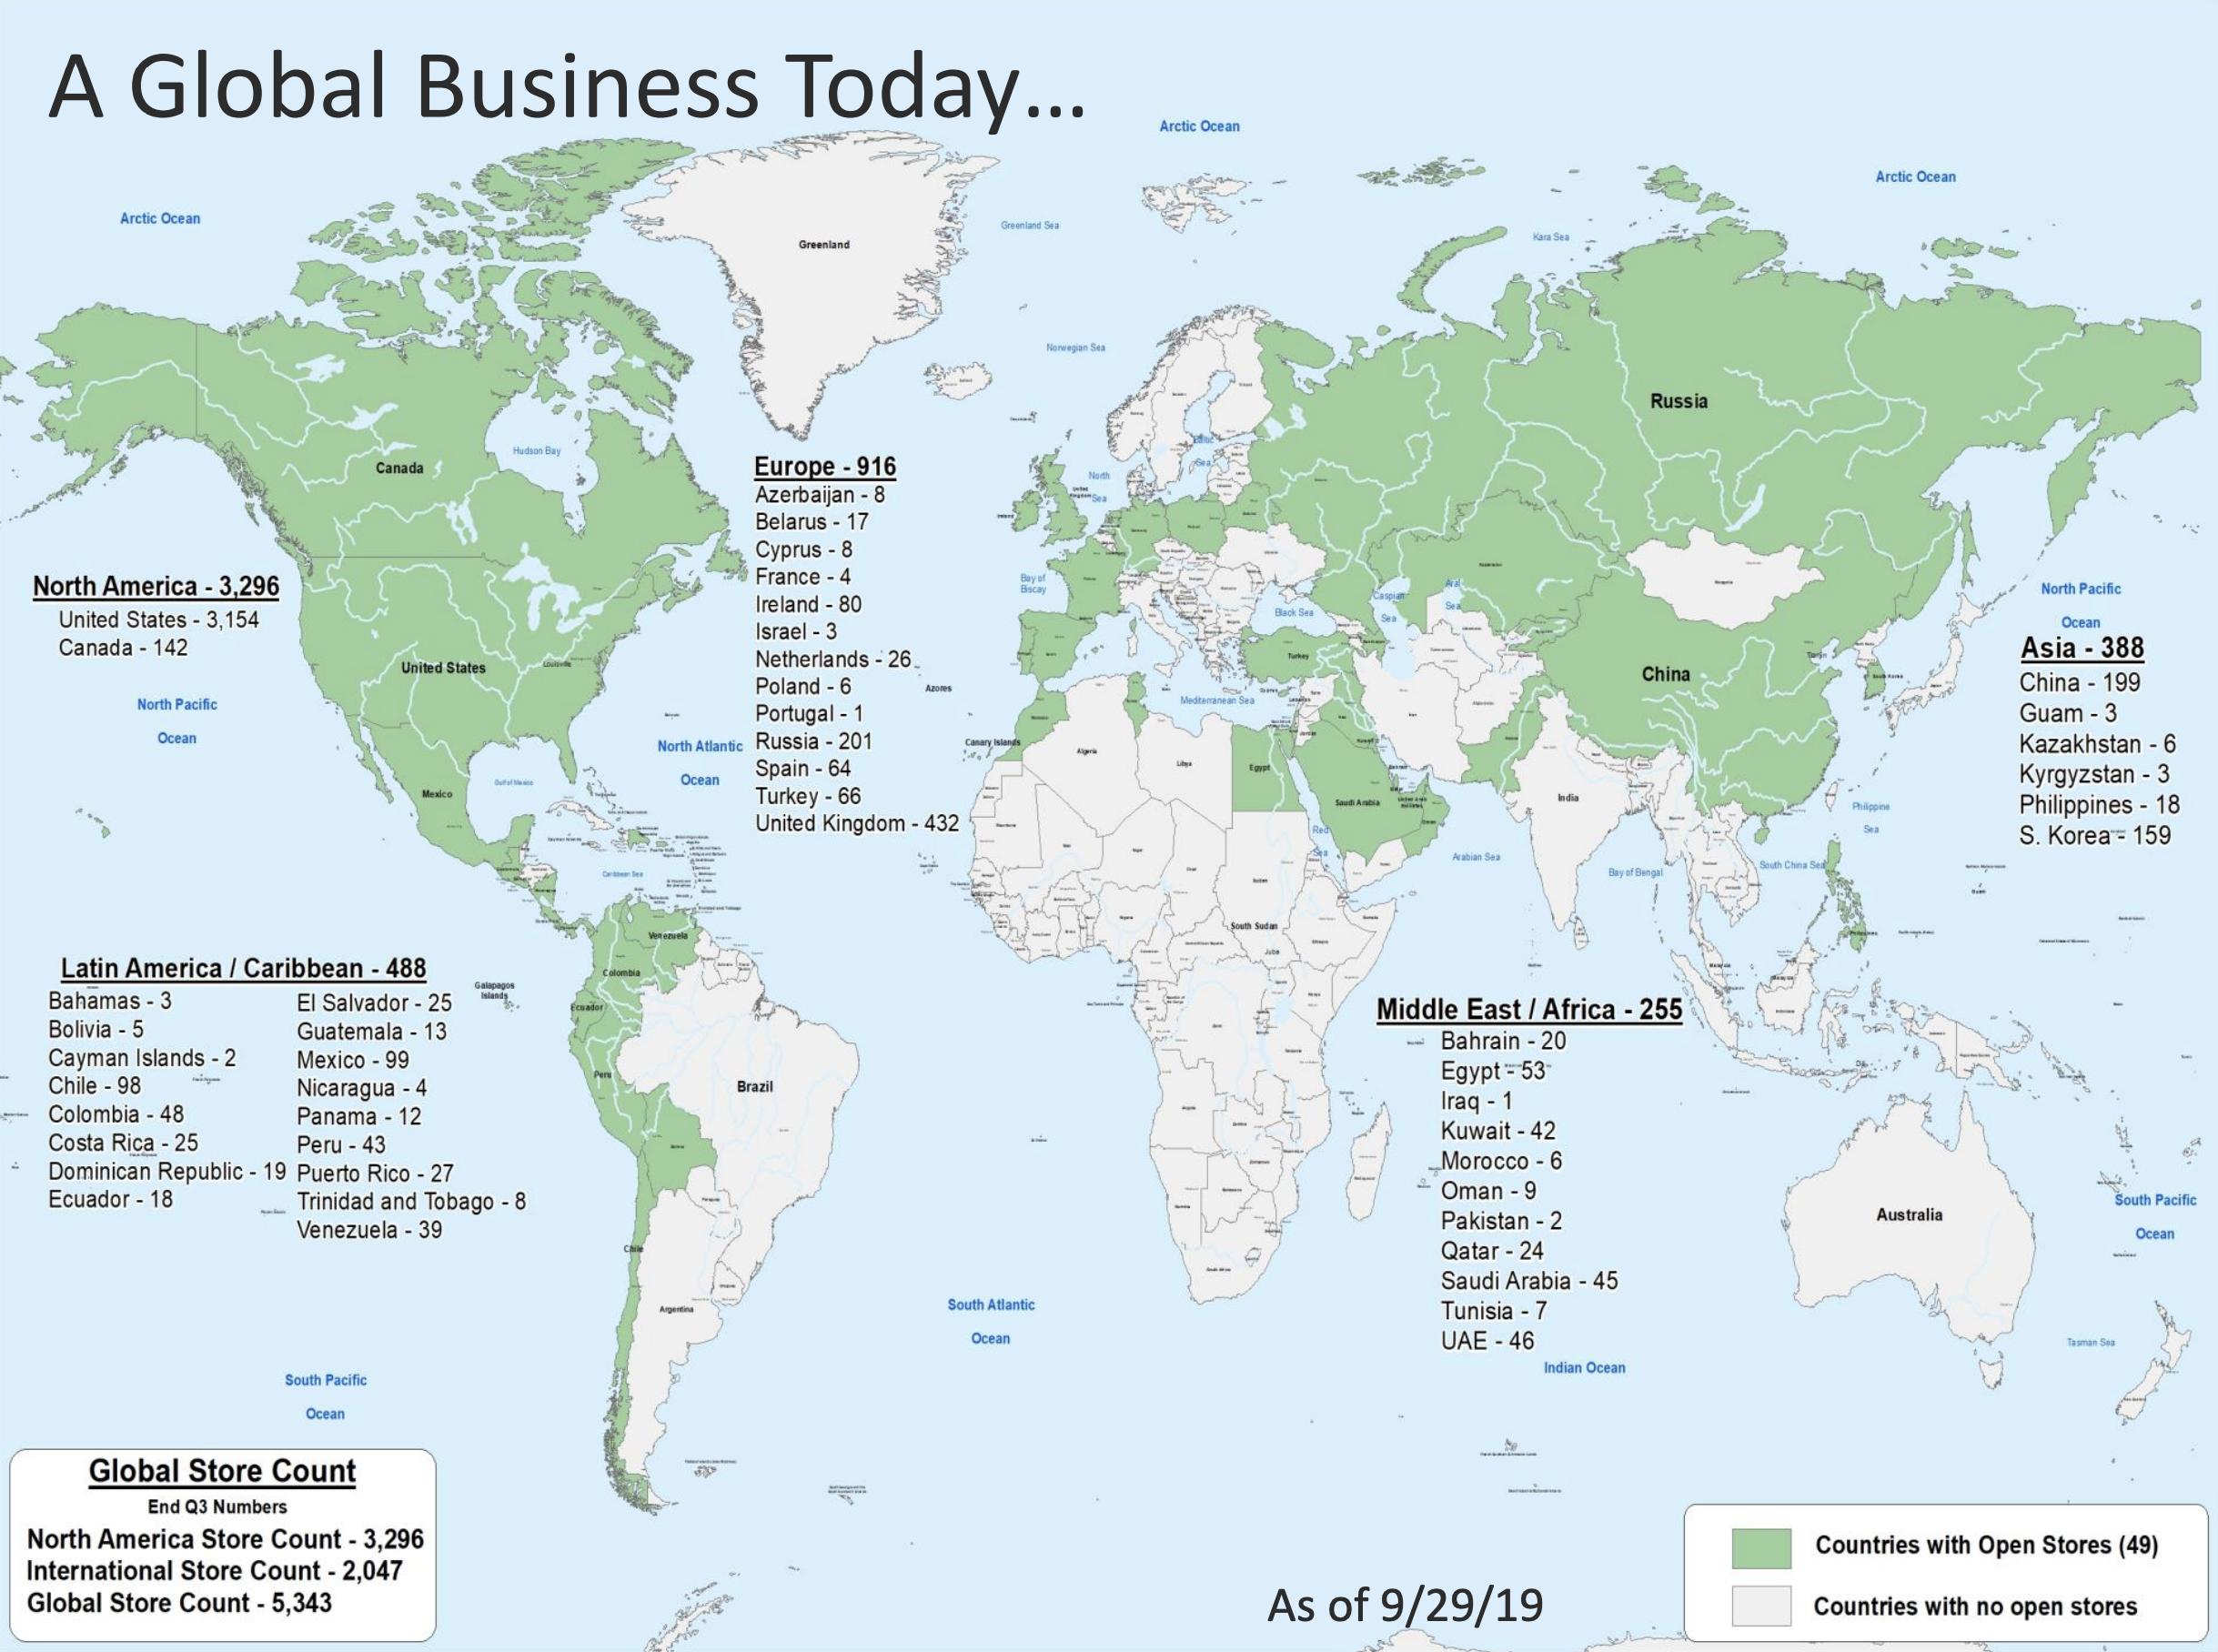 Все отделения компании в разных странах мира по состоянию на 29 сентября 2019года. Источник:презентация компании, стр.11